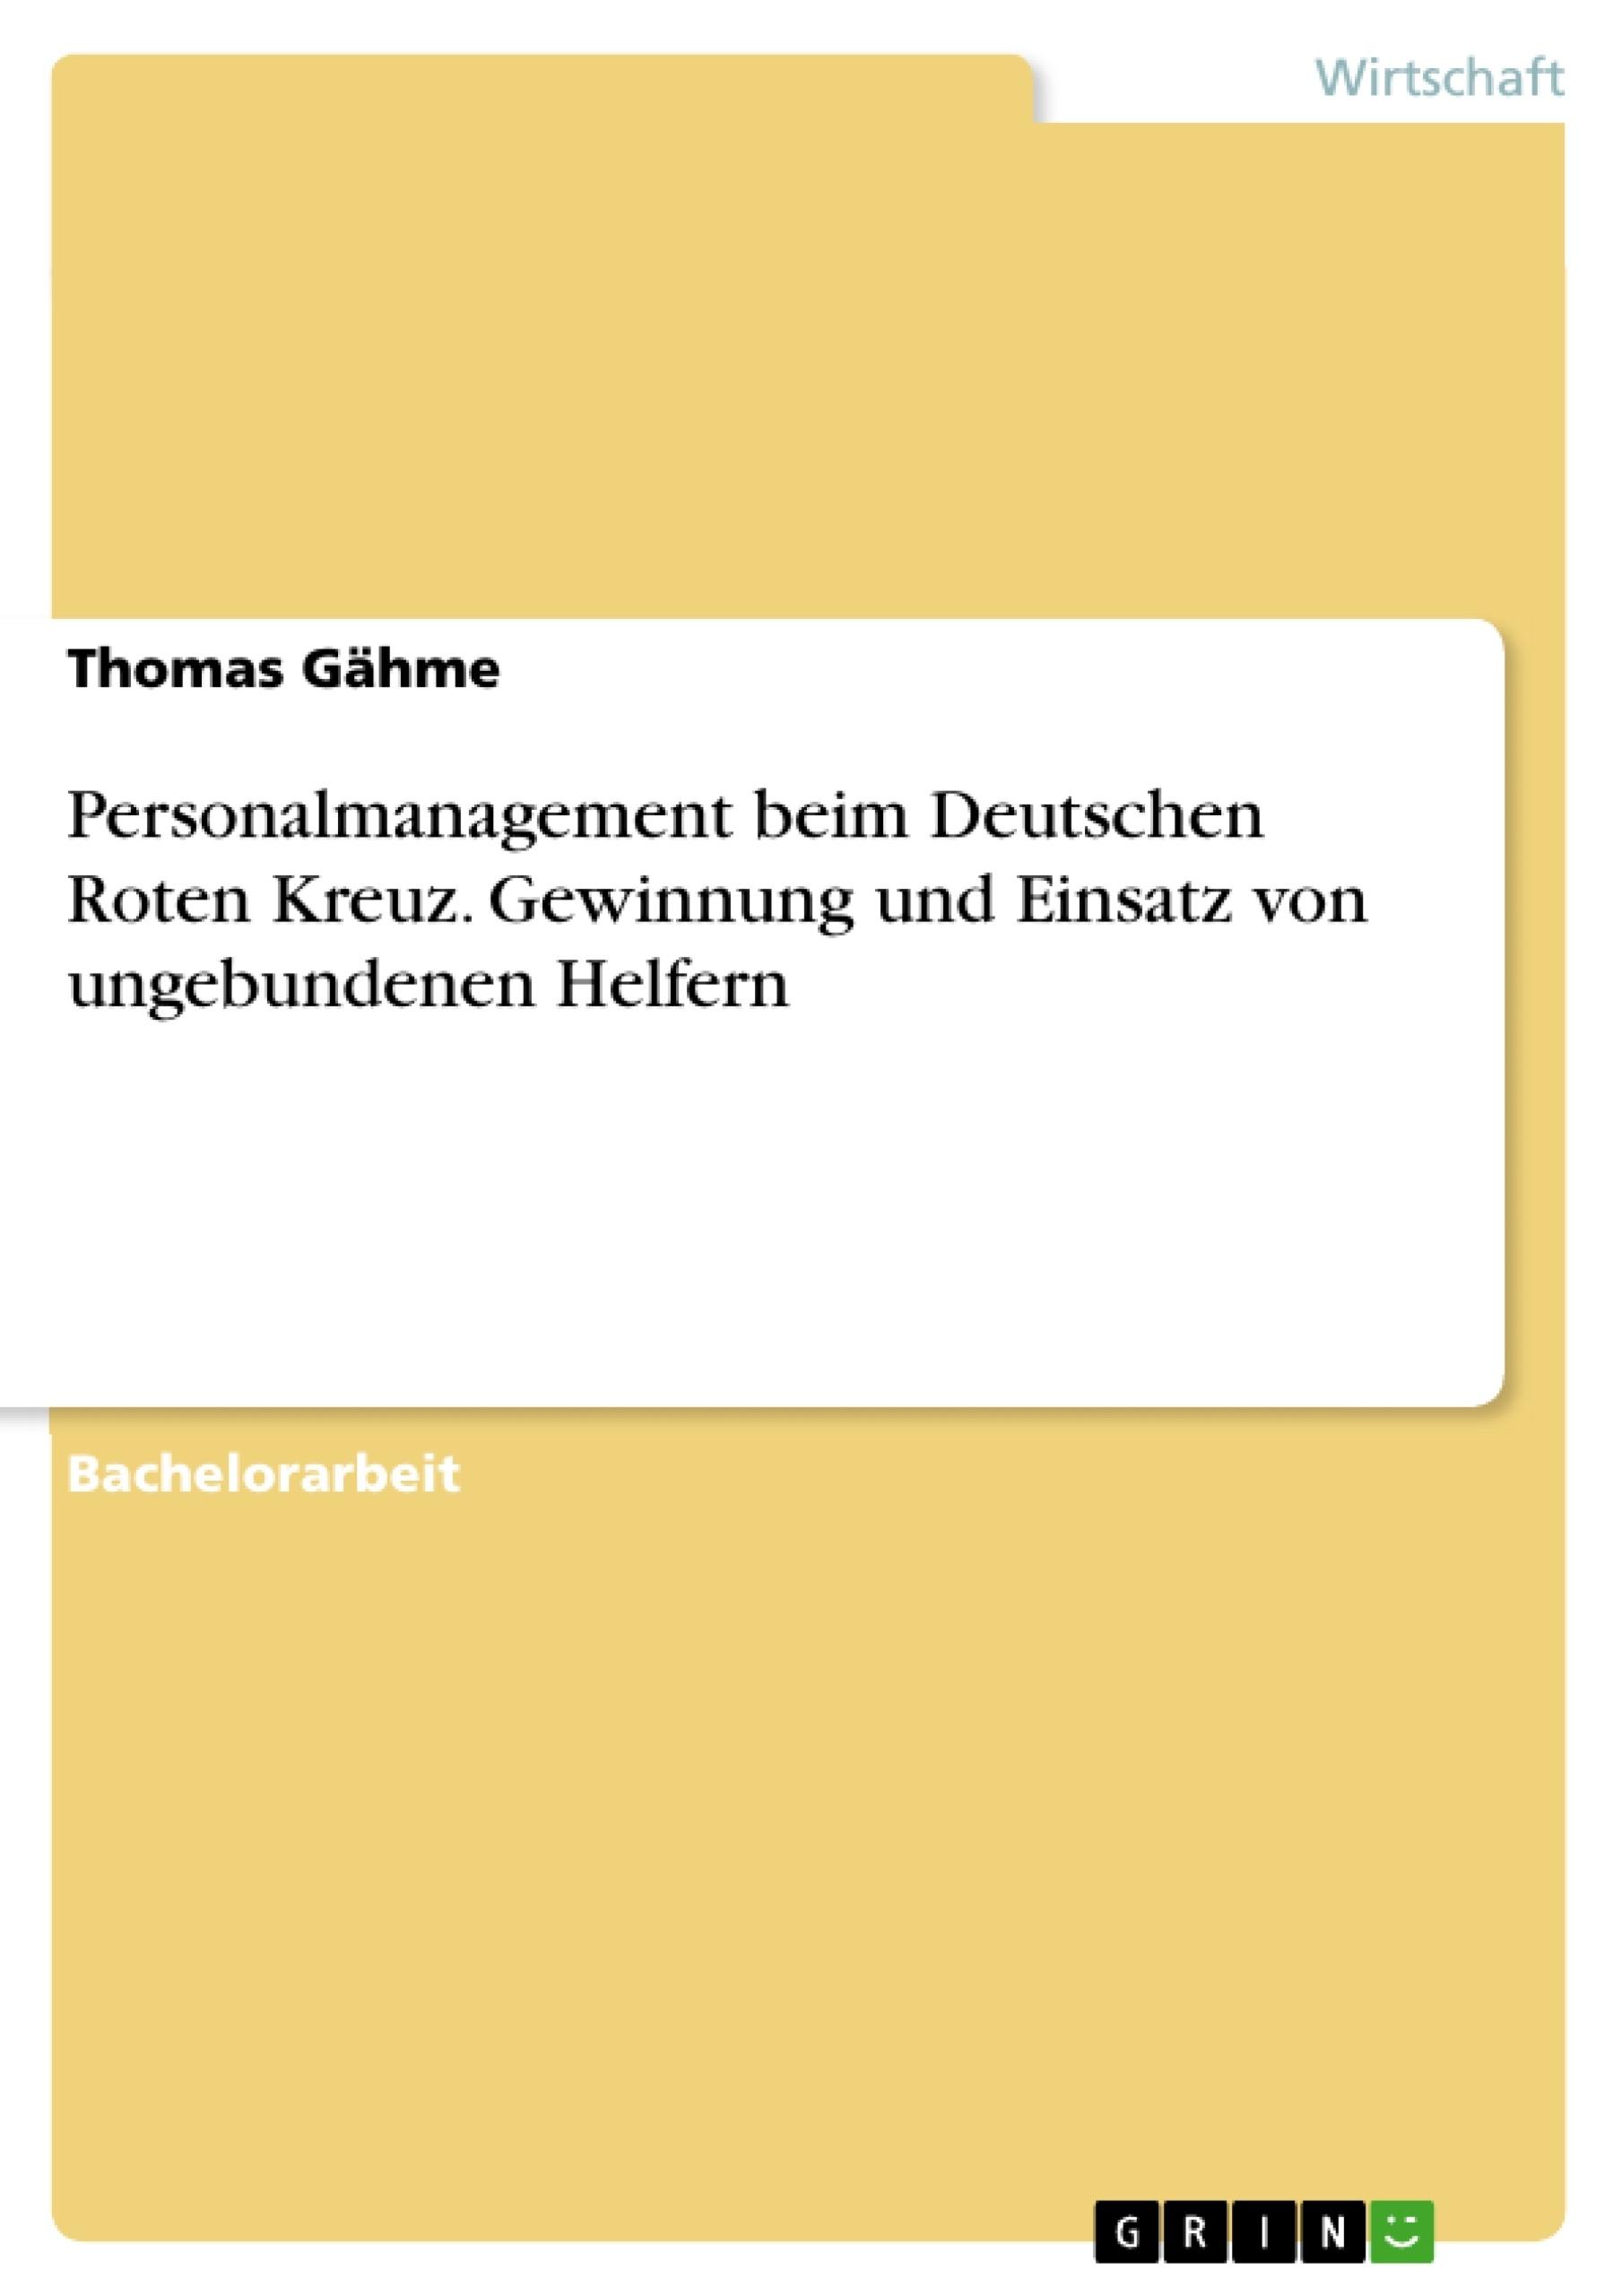 Titel: Personalmanagement beim Deutschen Roten Kreuz. Gewinnung und Einsatz von ungebundenen Helfern